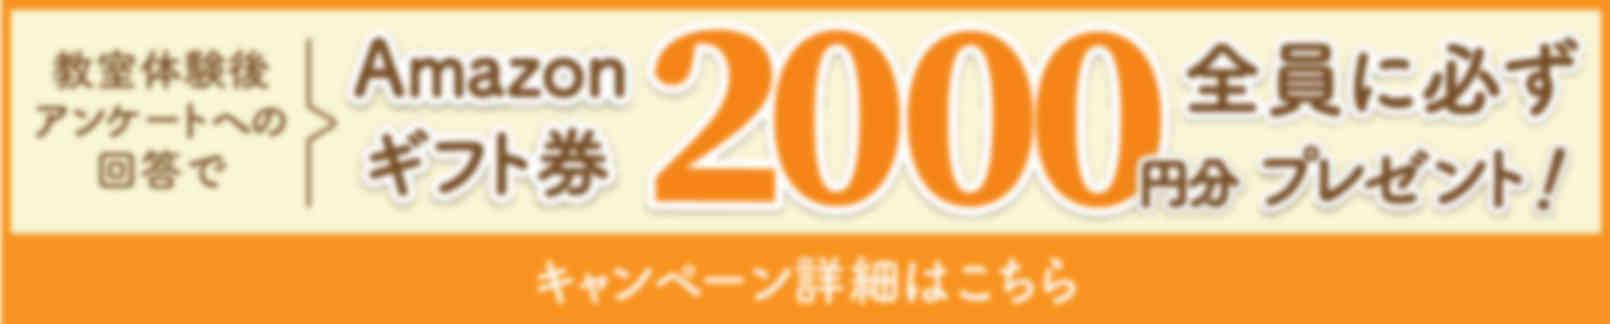 amazonギフト券キャンペーンバナー